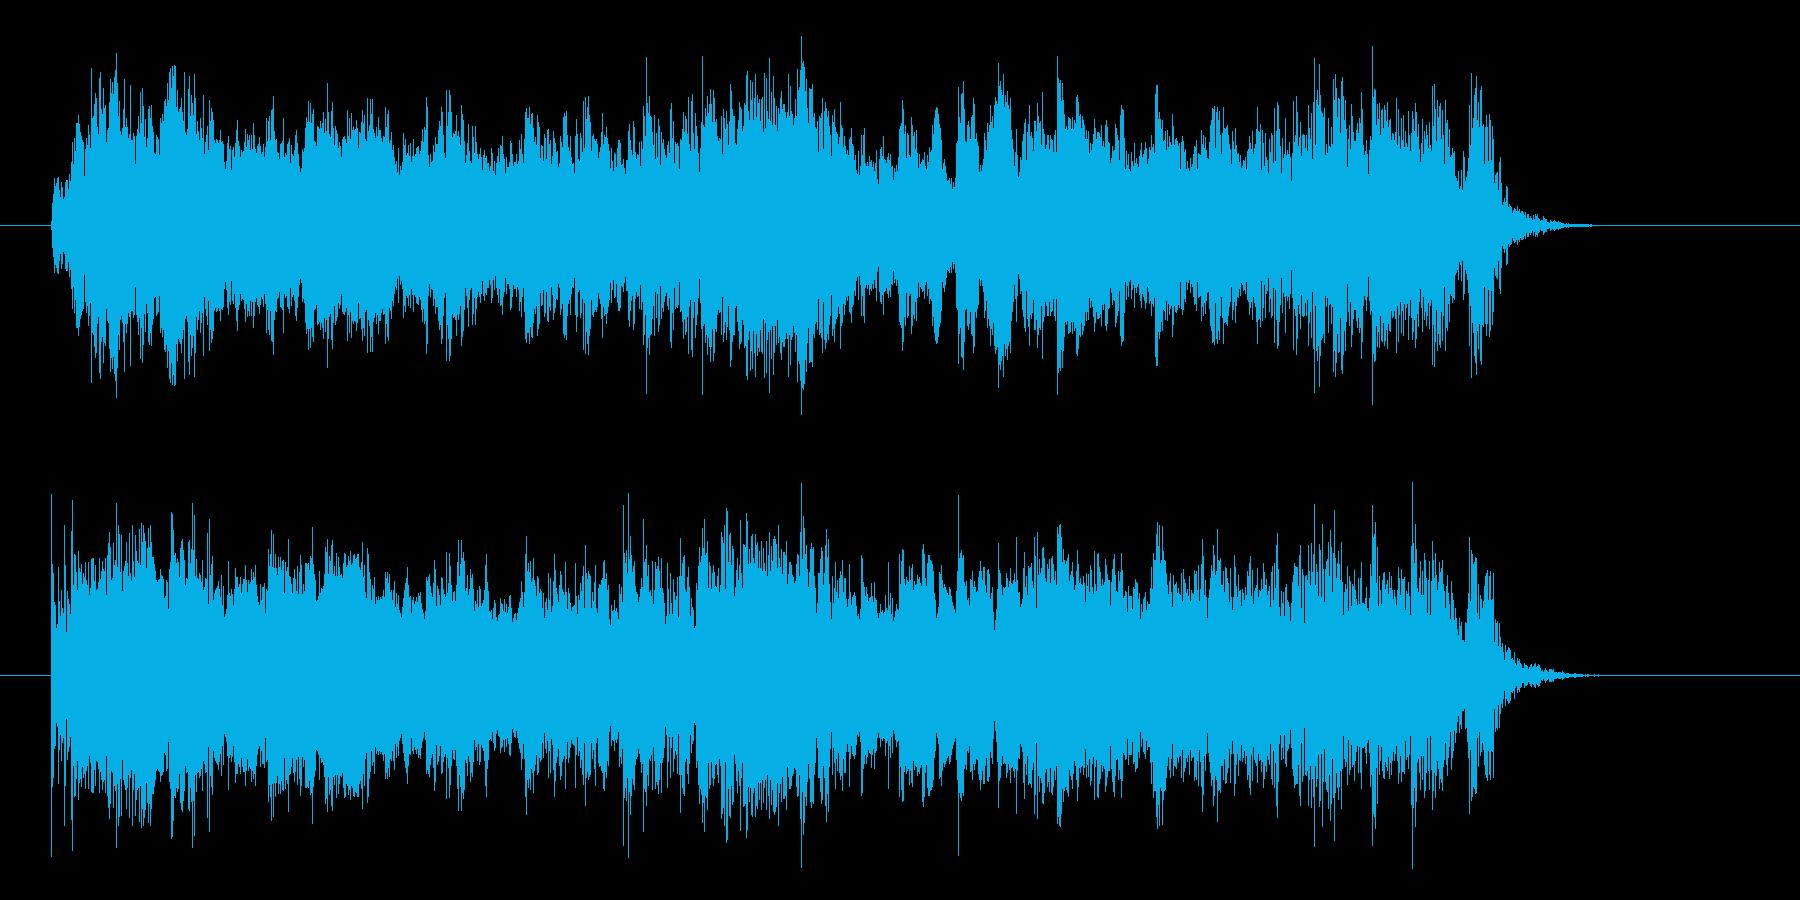 クールなギターロックの再生済みの波形